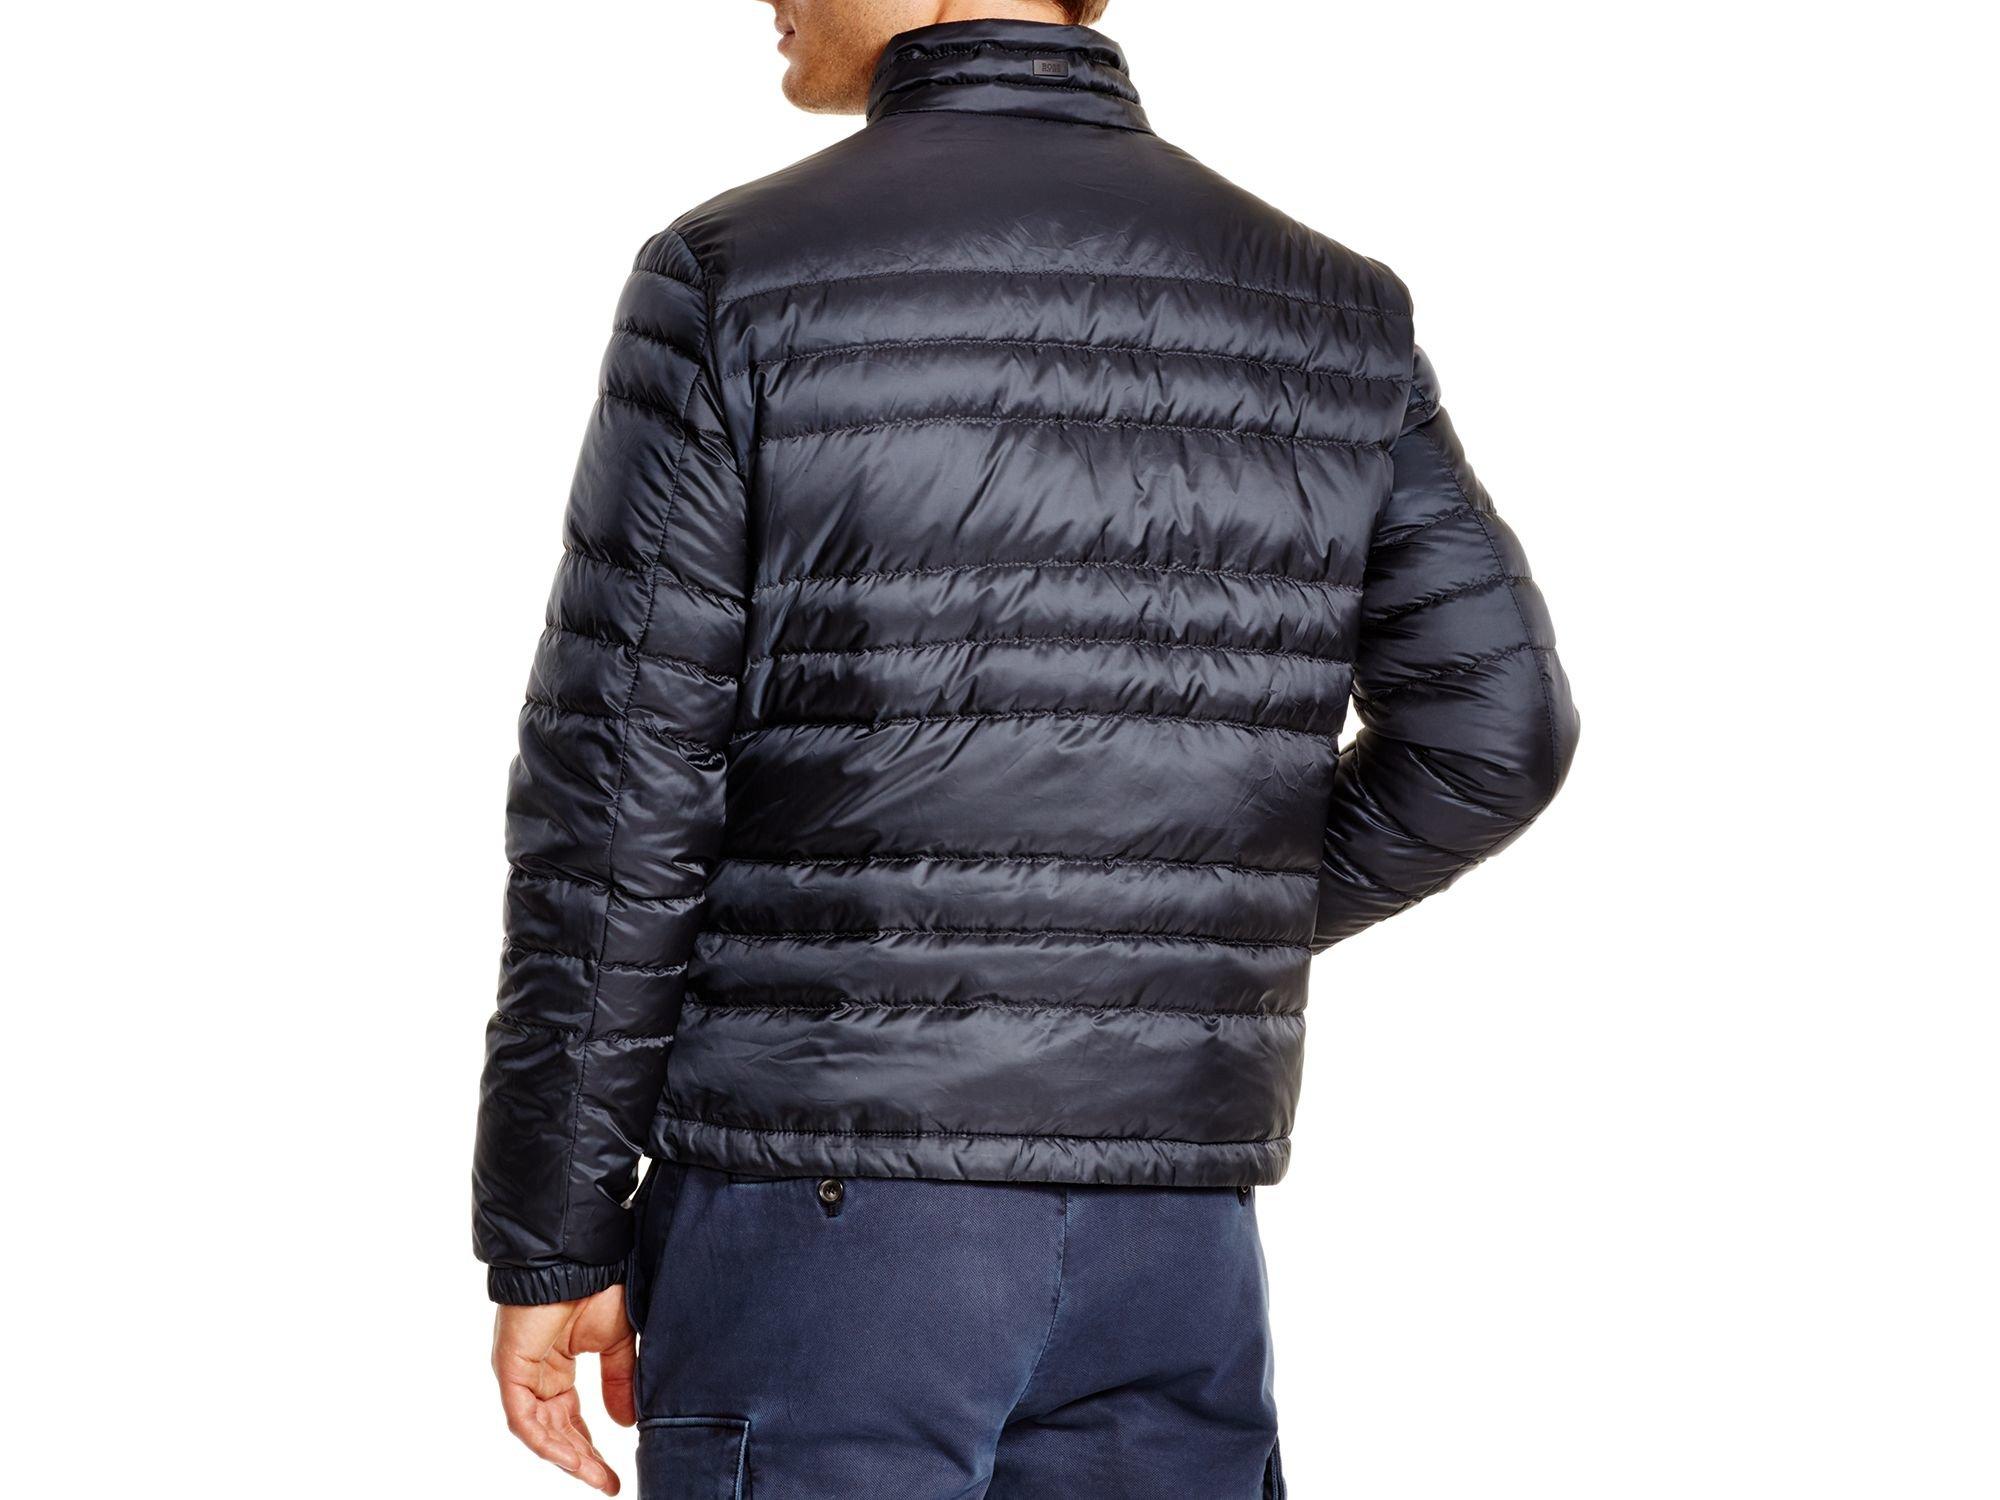 hugo boss reversible jacket. Black Bedroom Furniture Sets. Home Design Ideas